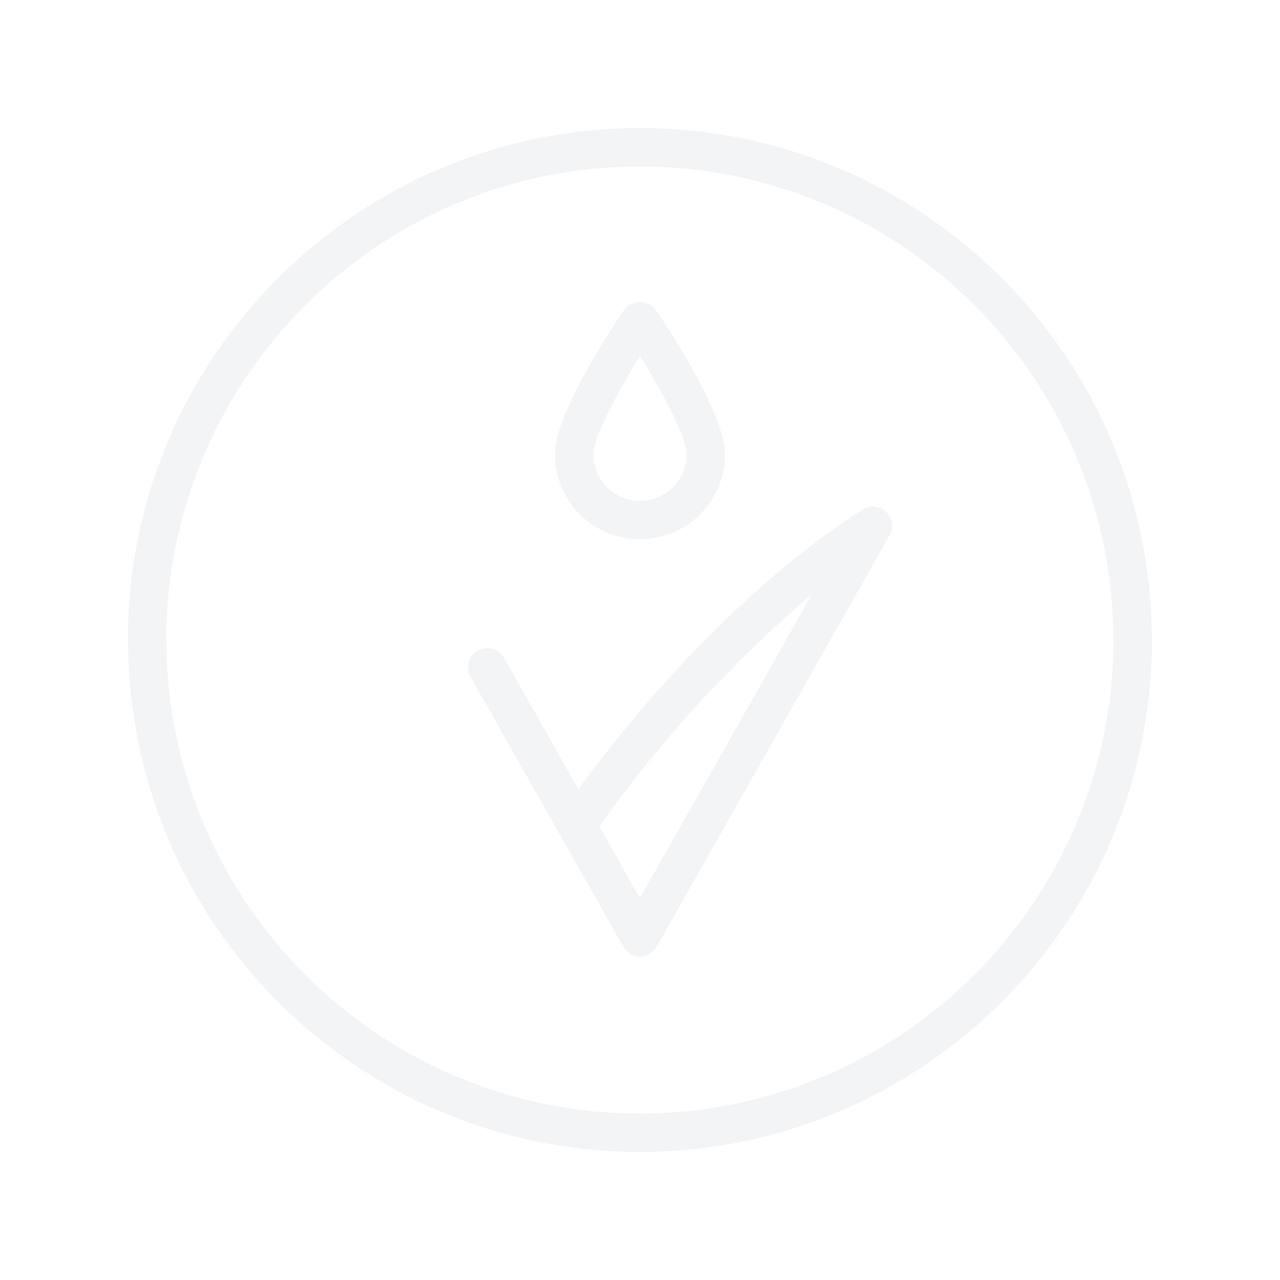 LACOSTE Eau De Lacoste L.12.12 Blanc 100ml Eau De Toilette Gift Set